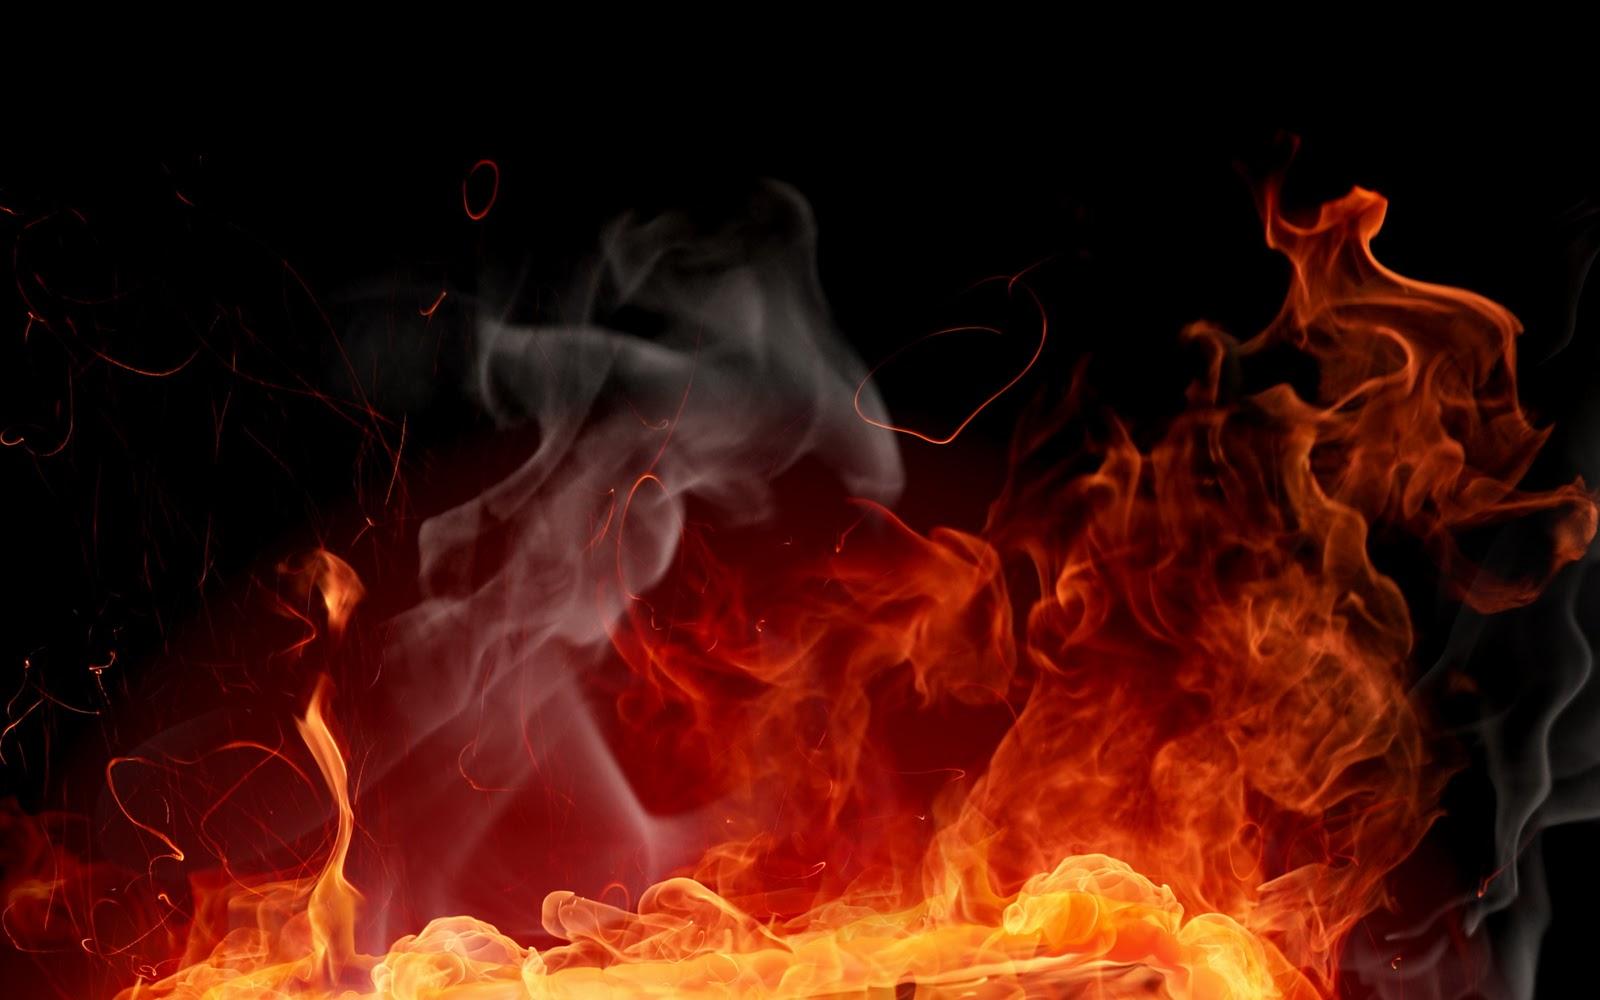 http://2.bp.blogspot.com/-sgxb8AFna-s/TV5ibHZj02I/AAAAAAAAB5Y/AeKOLwYYBhg/s1600/fire+%257Bilovemediafire.blogspot+%252811%2529.jpg